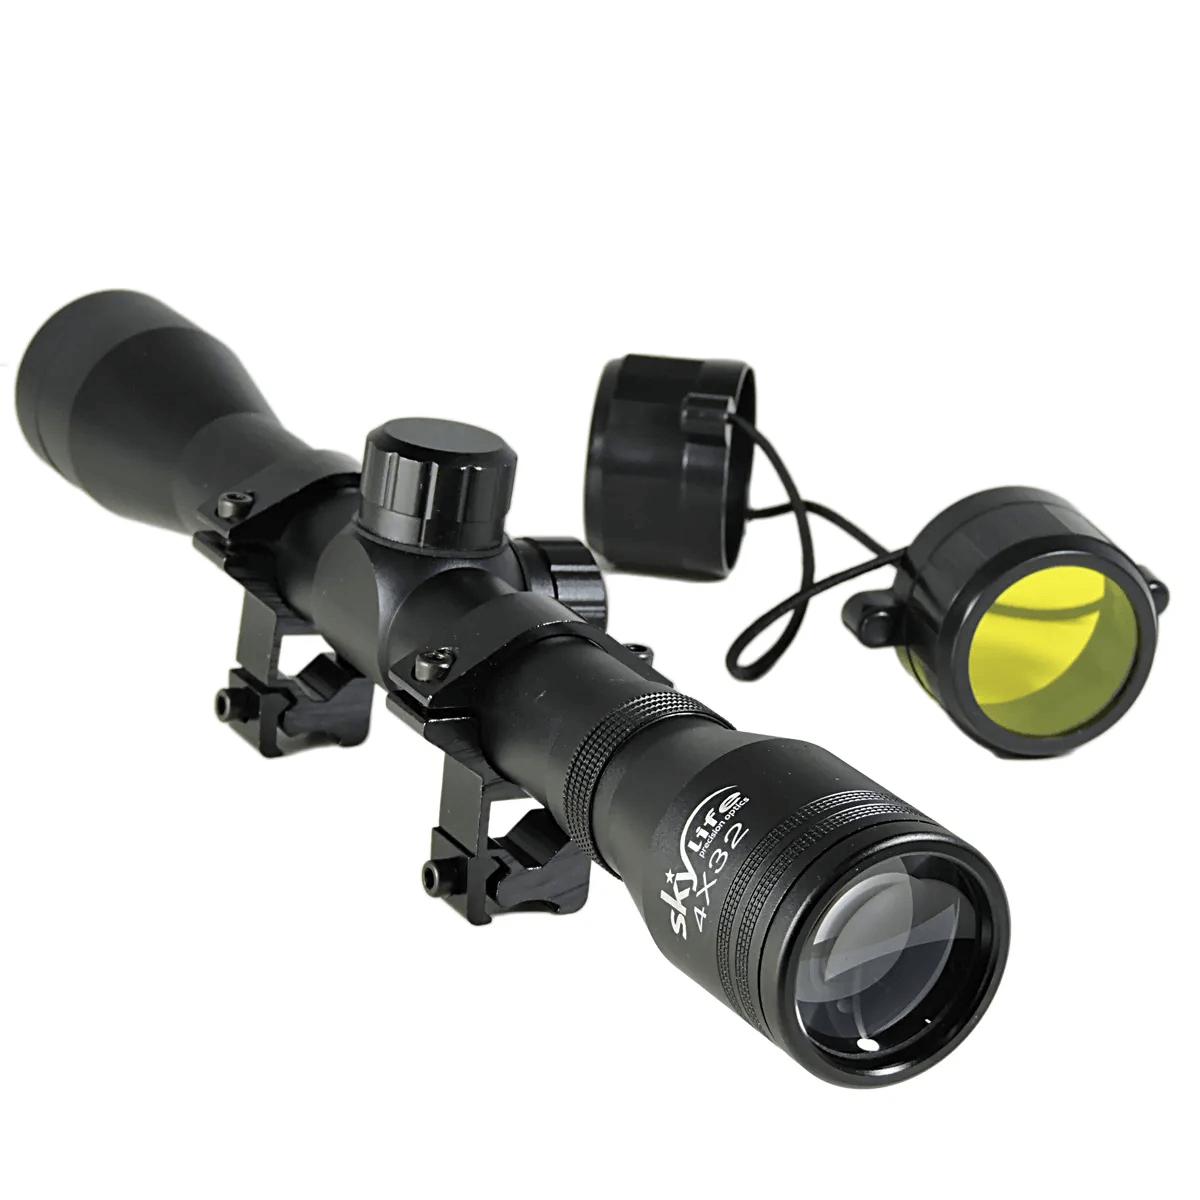 Luneta Skylife 4x32 SK Tática de Apontaria para Tiro com Carabinas (Trilho 22mm)